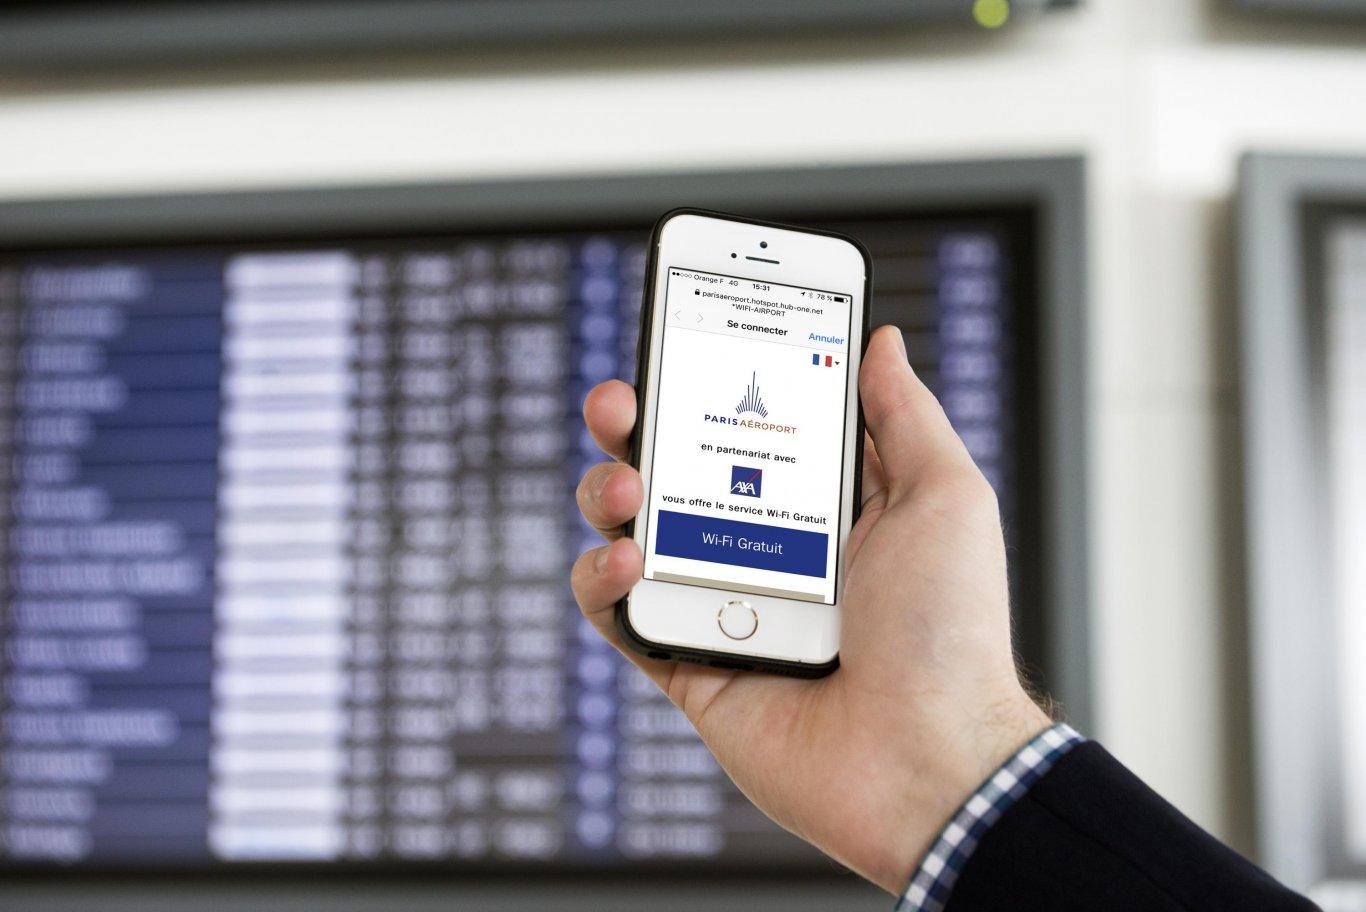 Geolocalización y email marketing en aeropuertos